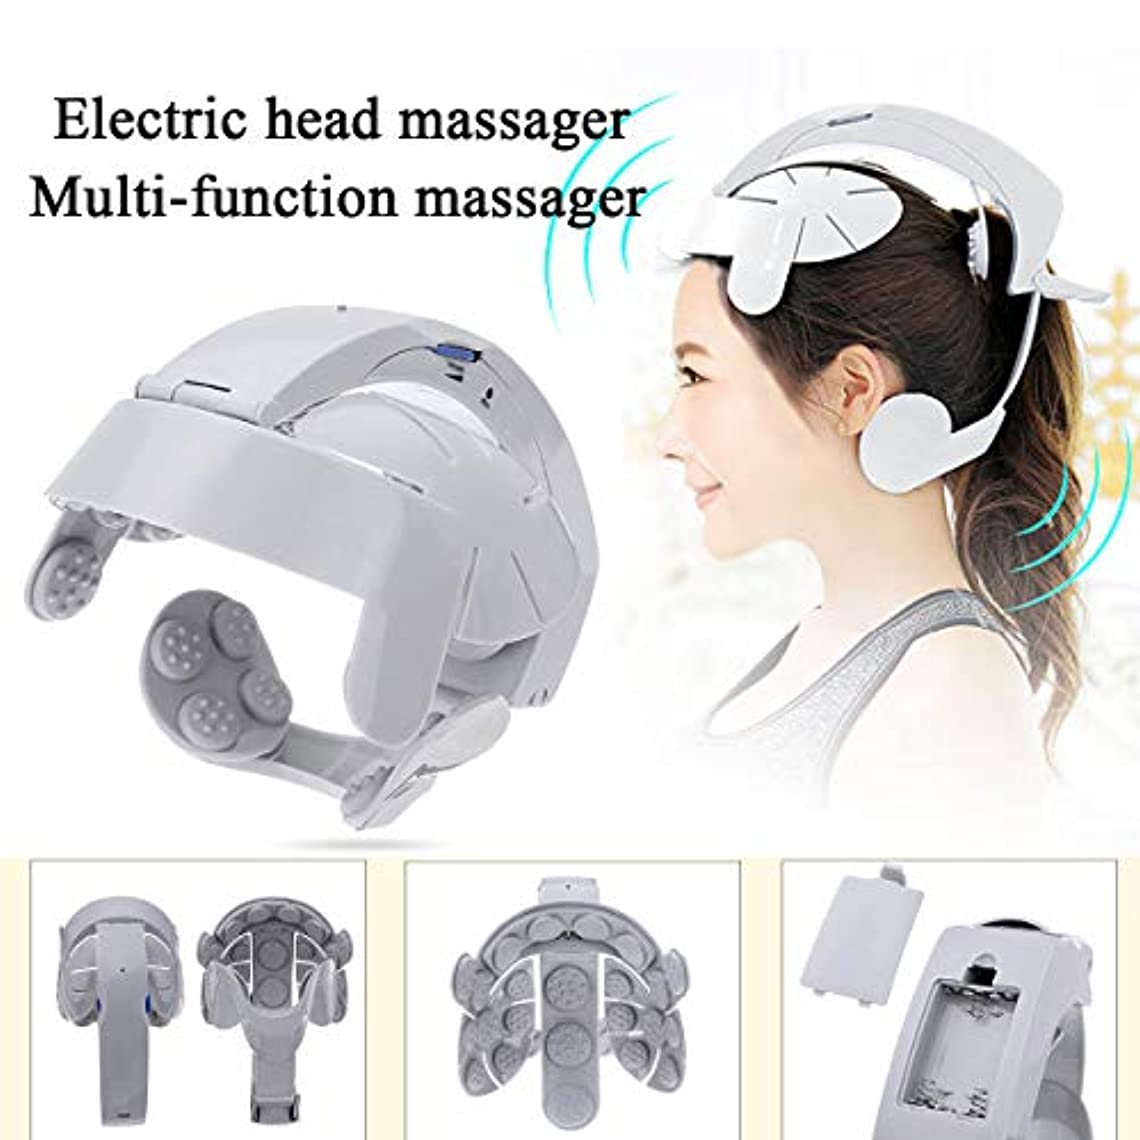 均等に類人猿唯物論電気ヘッドマッサージの振動マッサージ簡単な脳マッサージ器ストレスリリーフとより良い睡眠経穴ストレス解放機